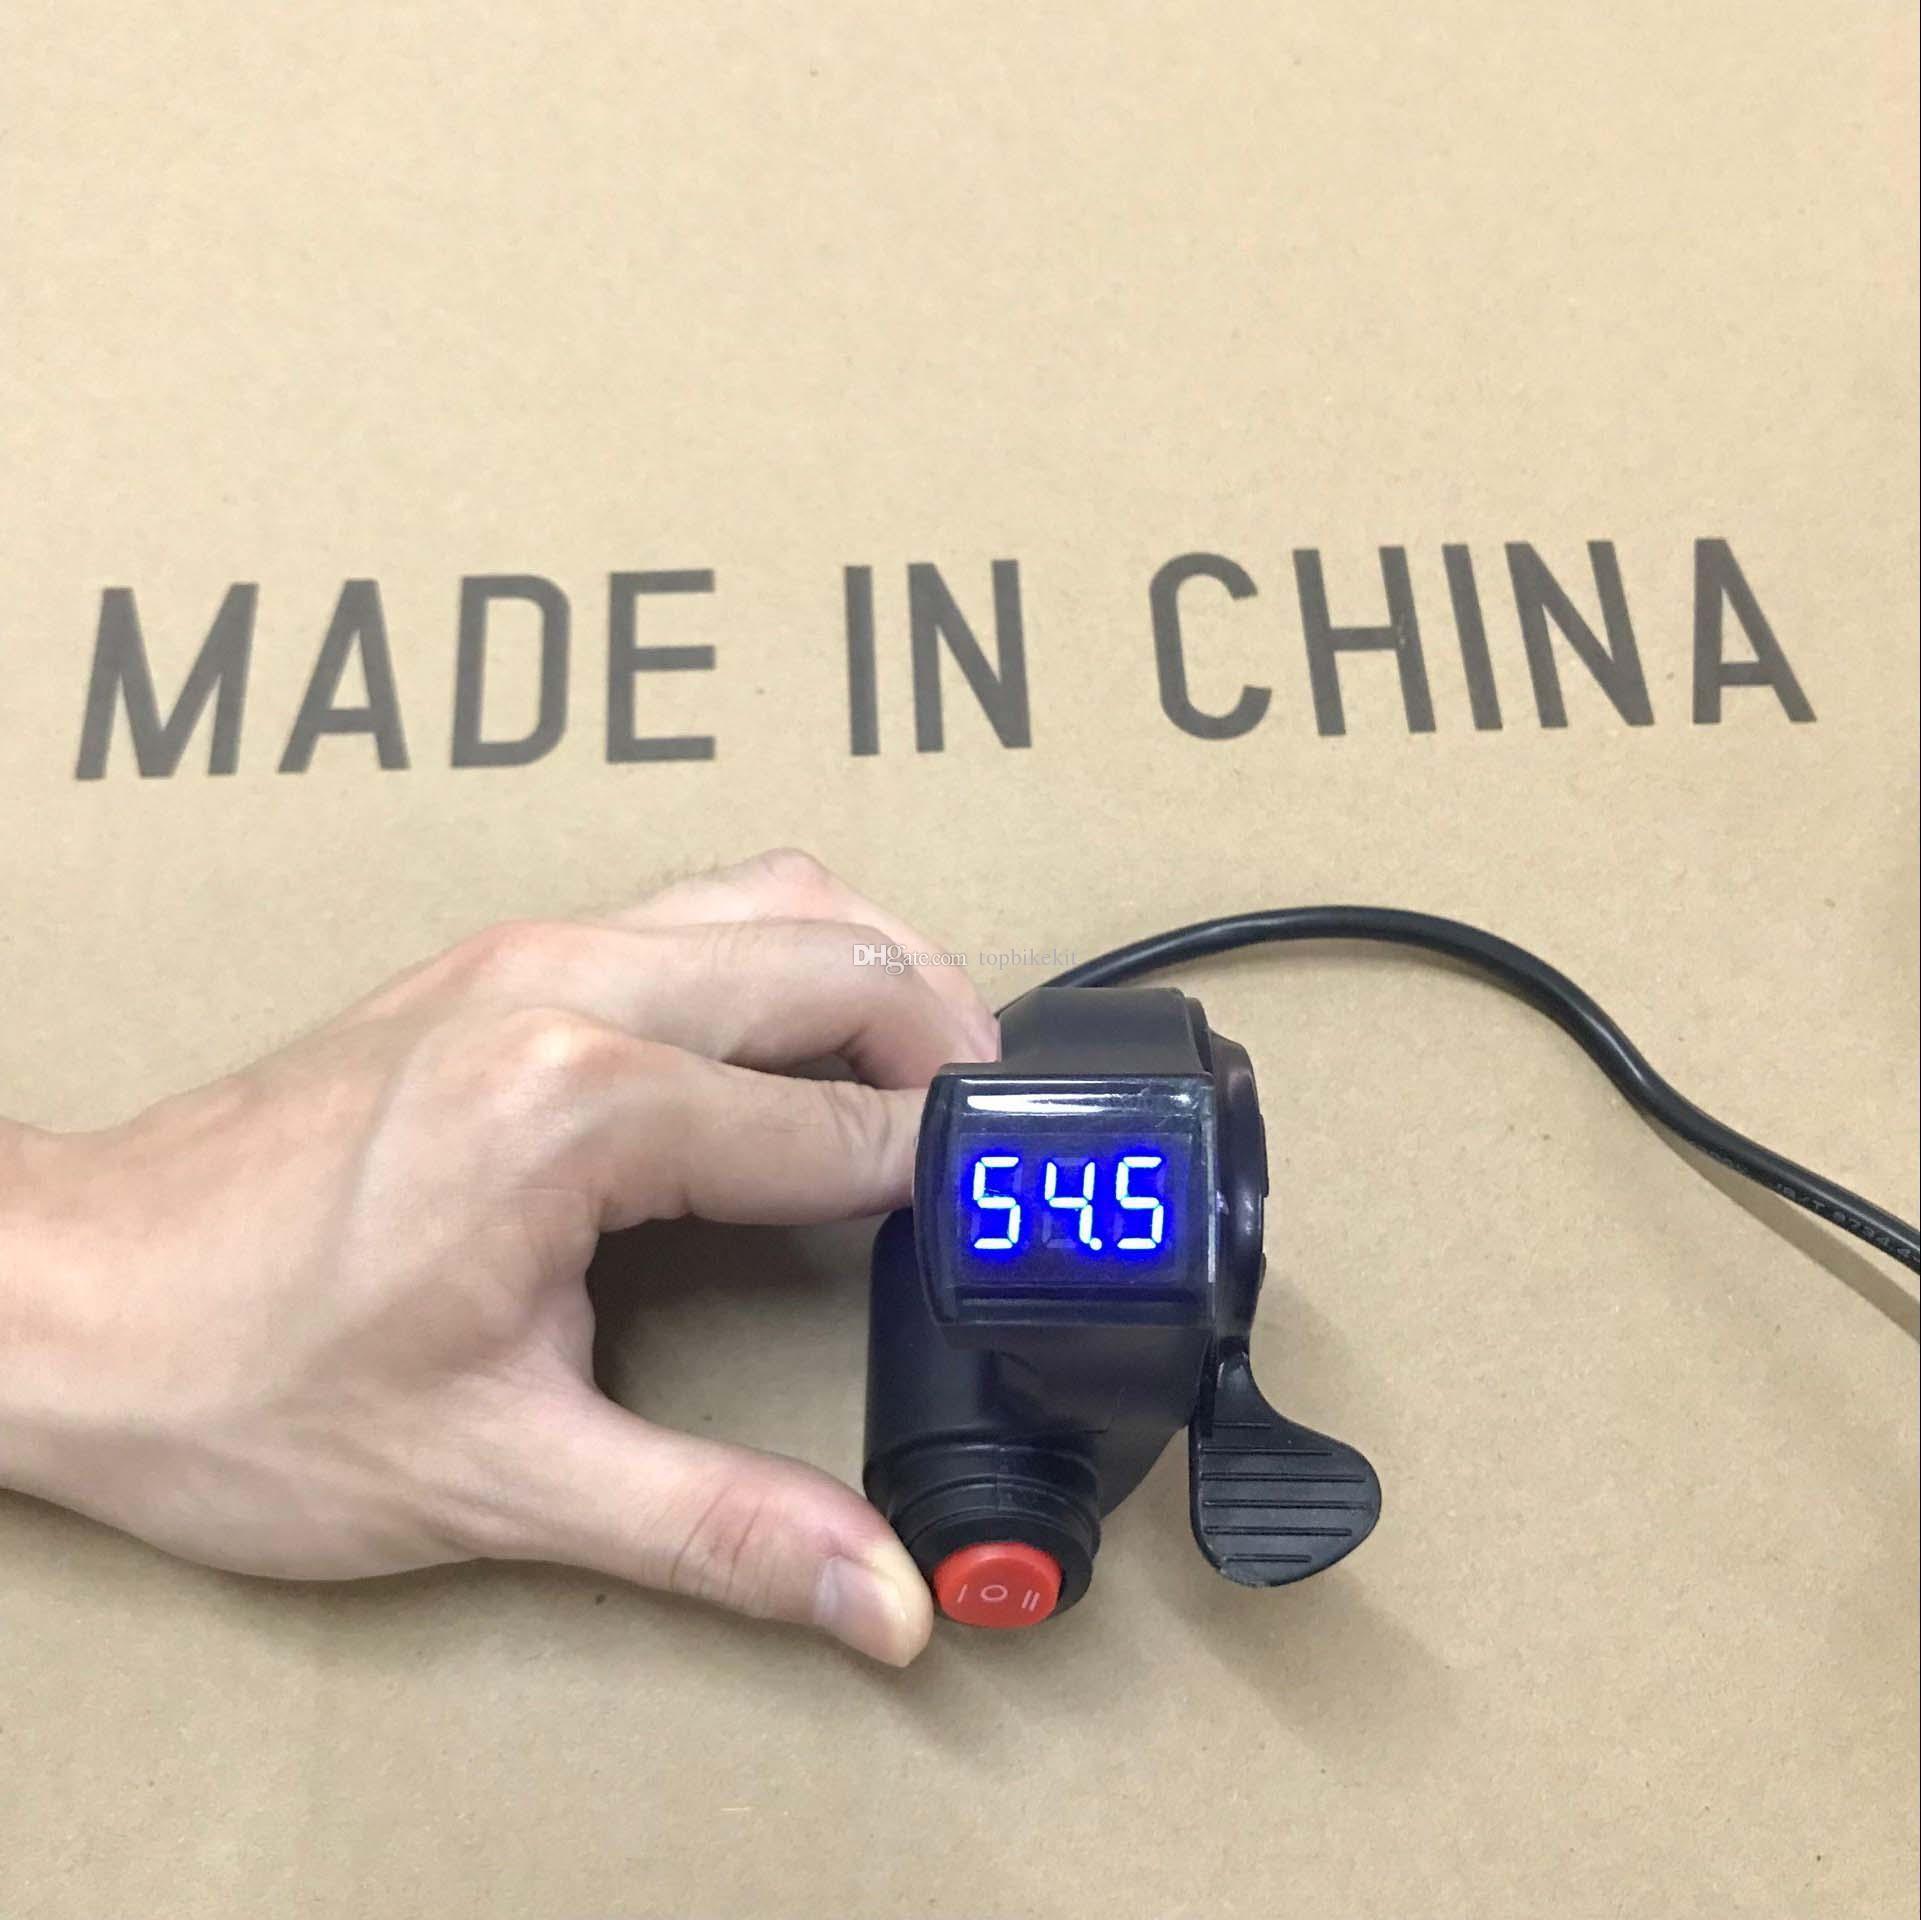 BICI ELETTRICA SCOOTER Thumb Throttle Display Tensione della Batteria Potenza Interruttore A CHIAVE